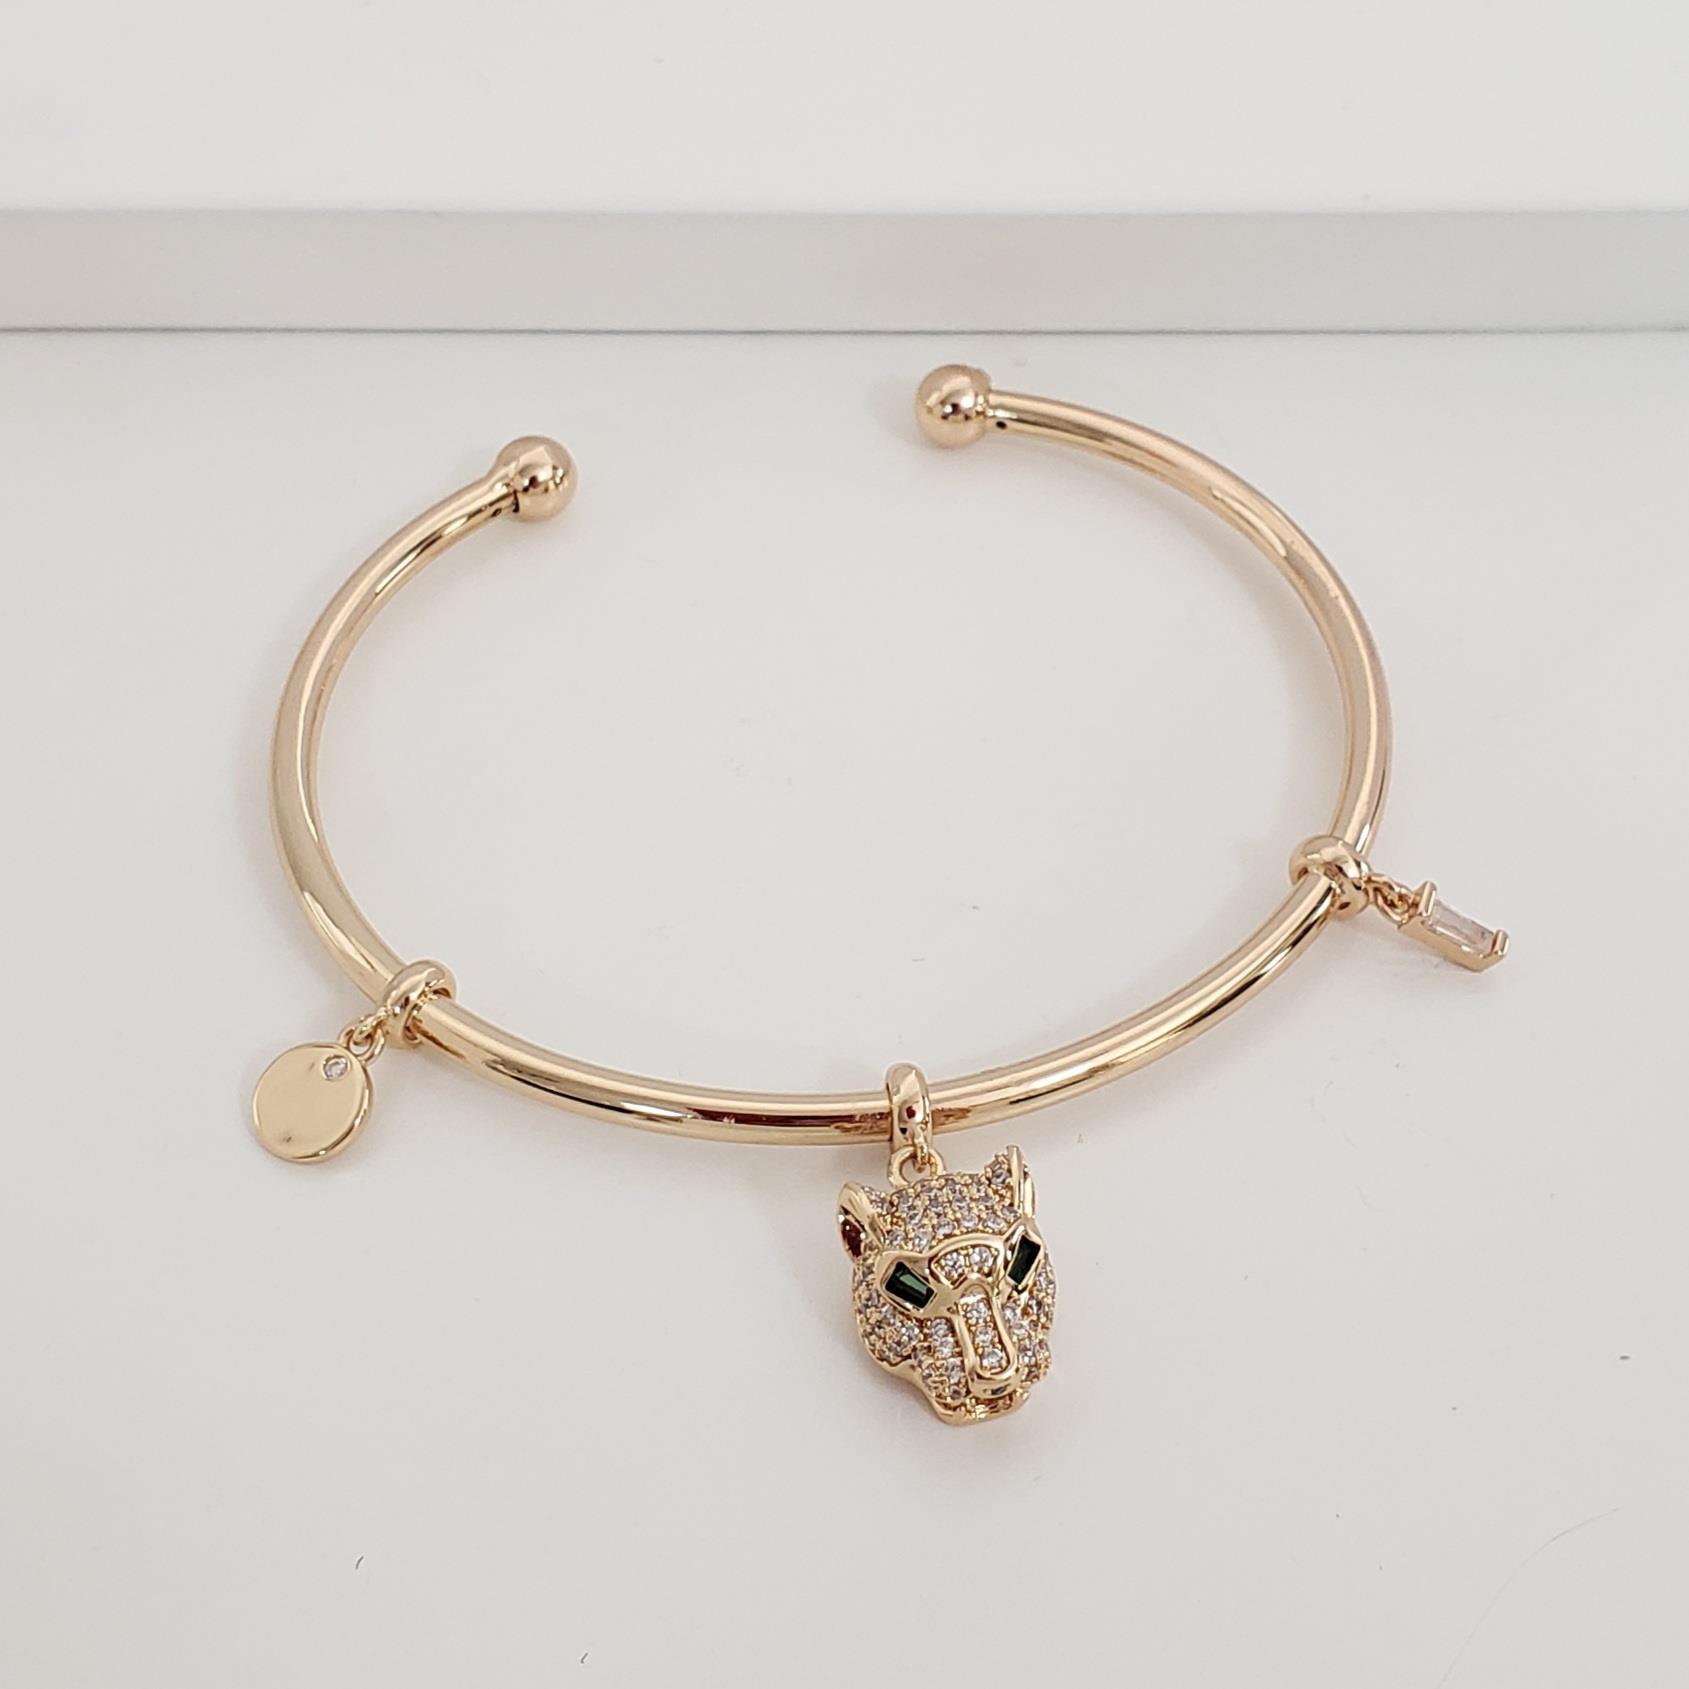 Bracelete Fino Aberto Abaulado com Pingente Trapézio de Zircônia Placa e Leopardo no Banho Ouro 18k Semijoia